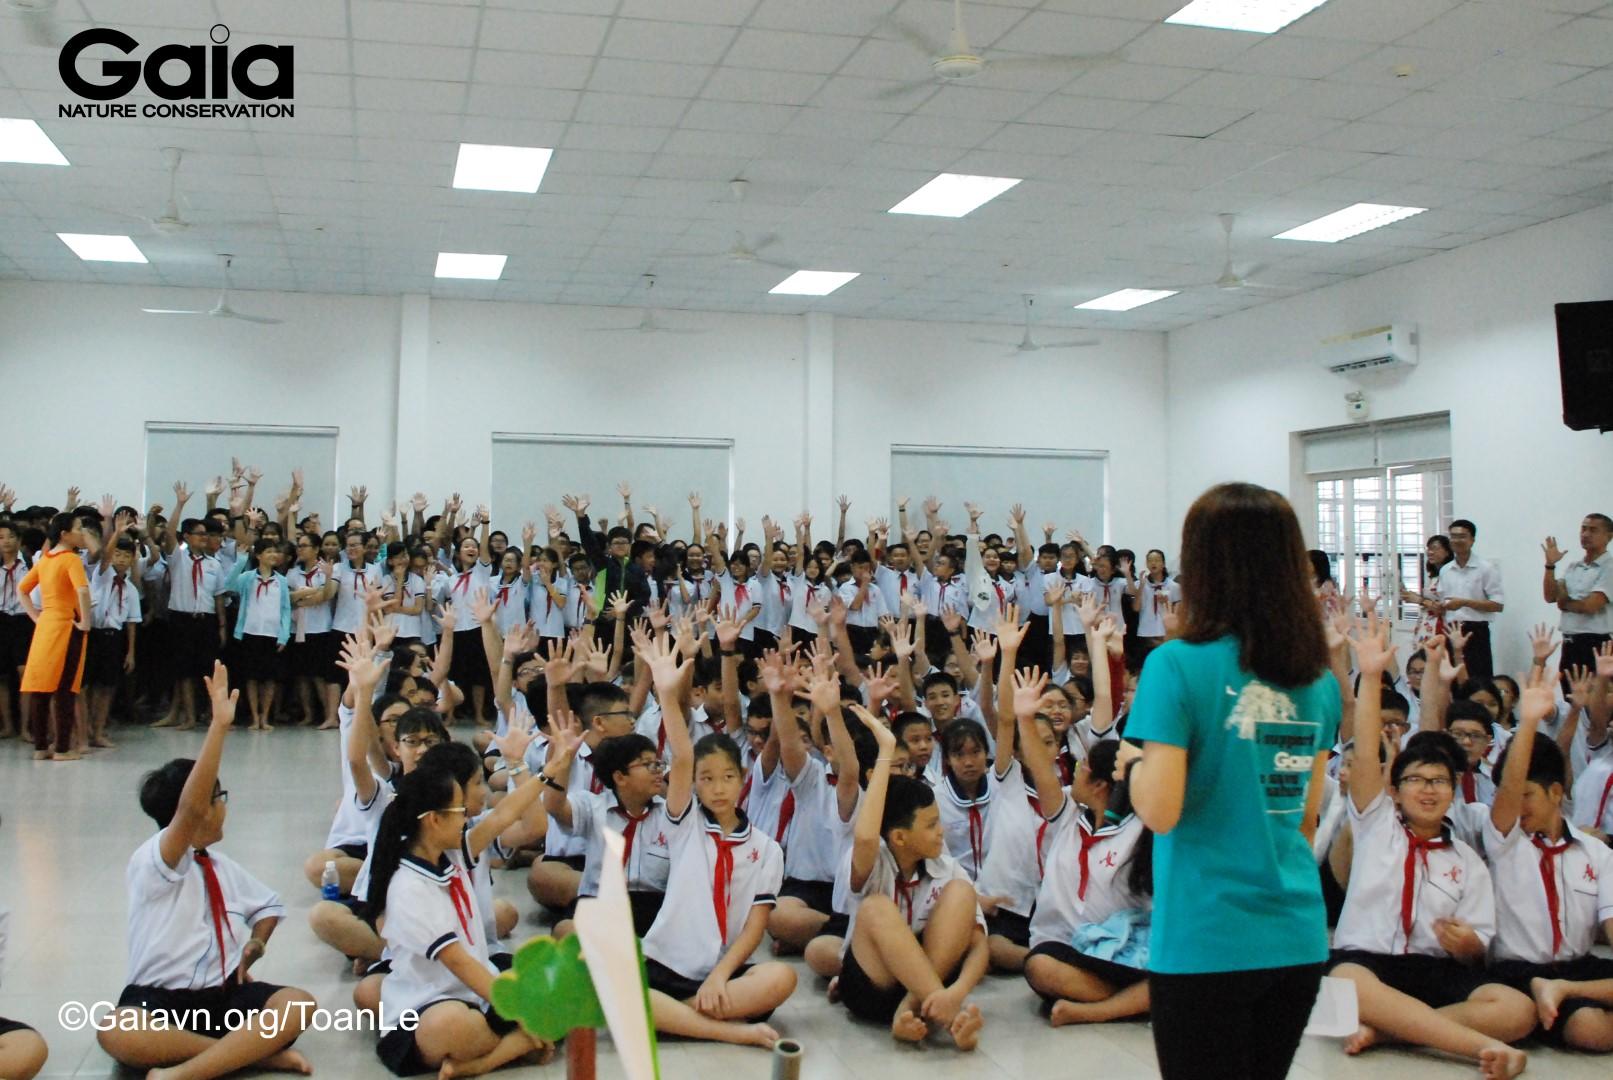 Học sinh hào hứng tham gia trò chơi bảo vệ động vật hoang dã